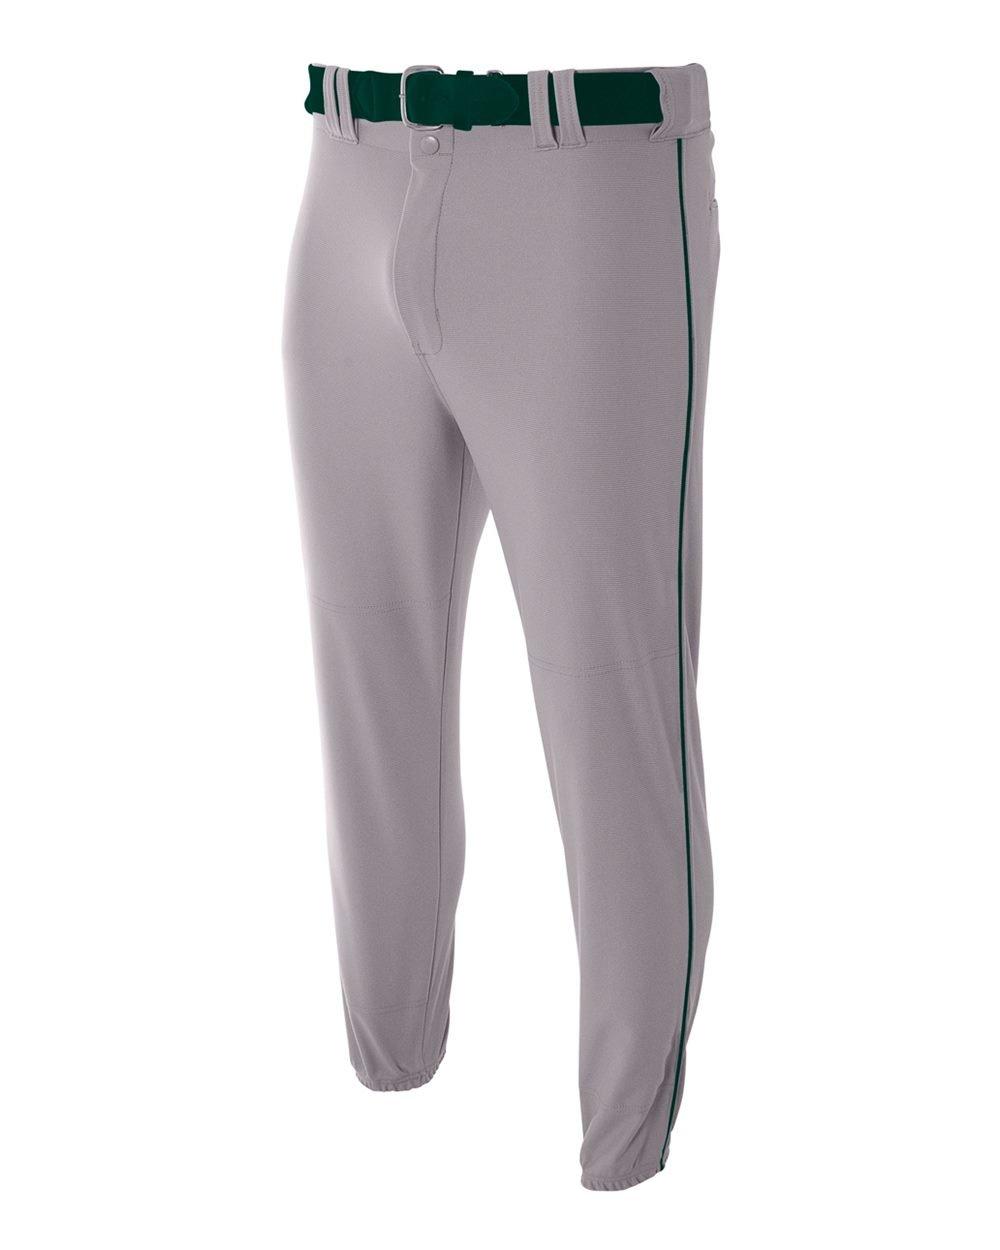 A4 Jungen nb6178 nb6178-gyf Pro-Style Elastic unten Baseball Hose